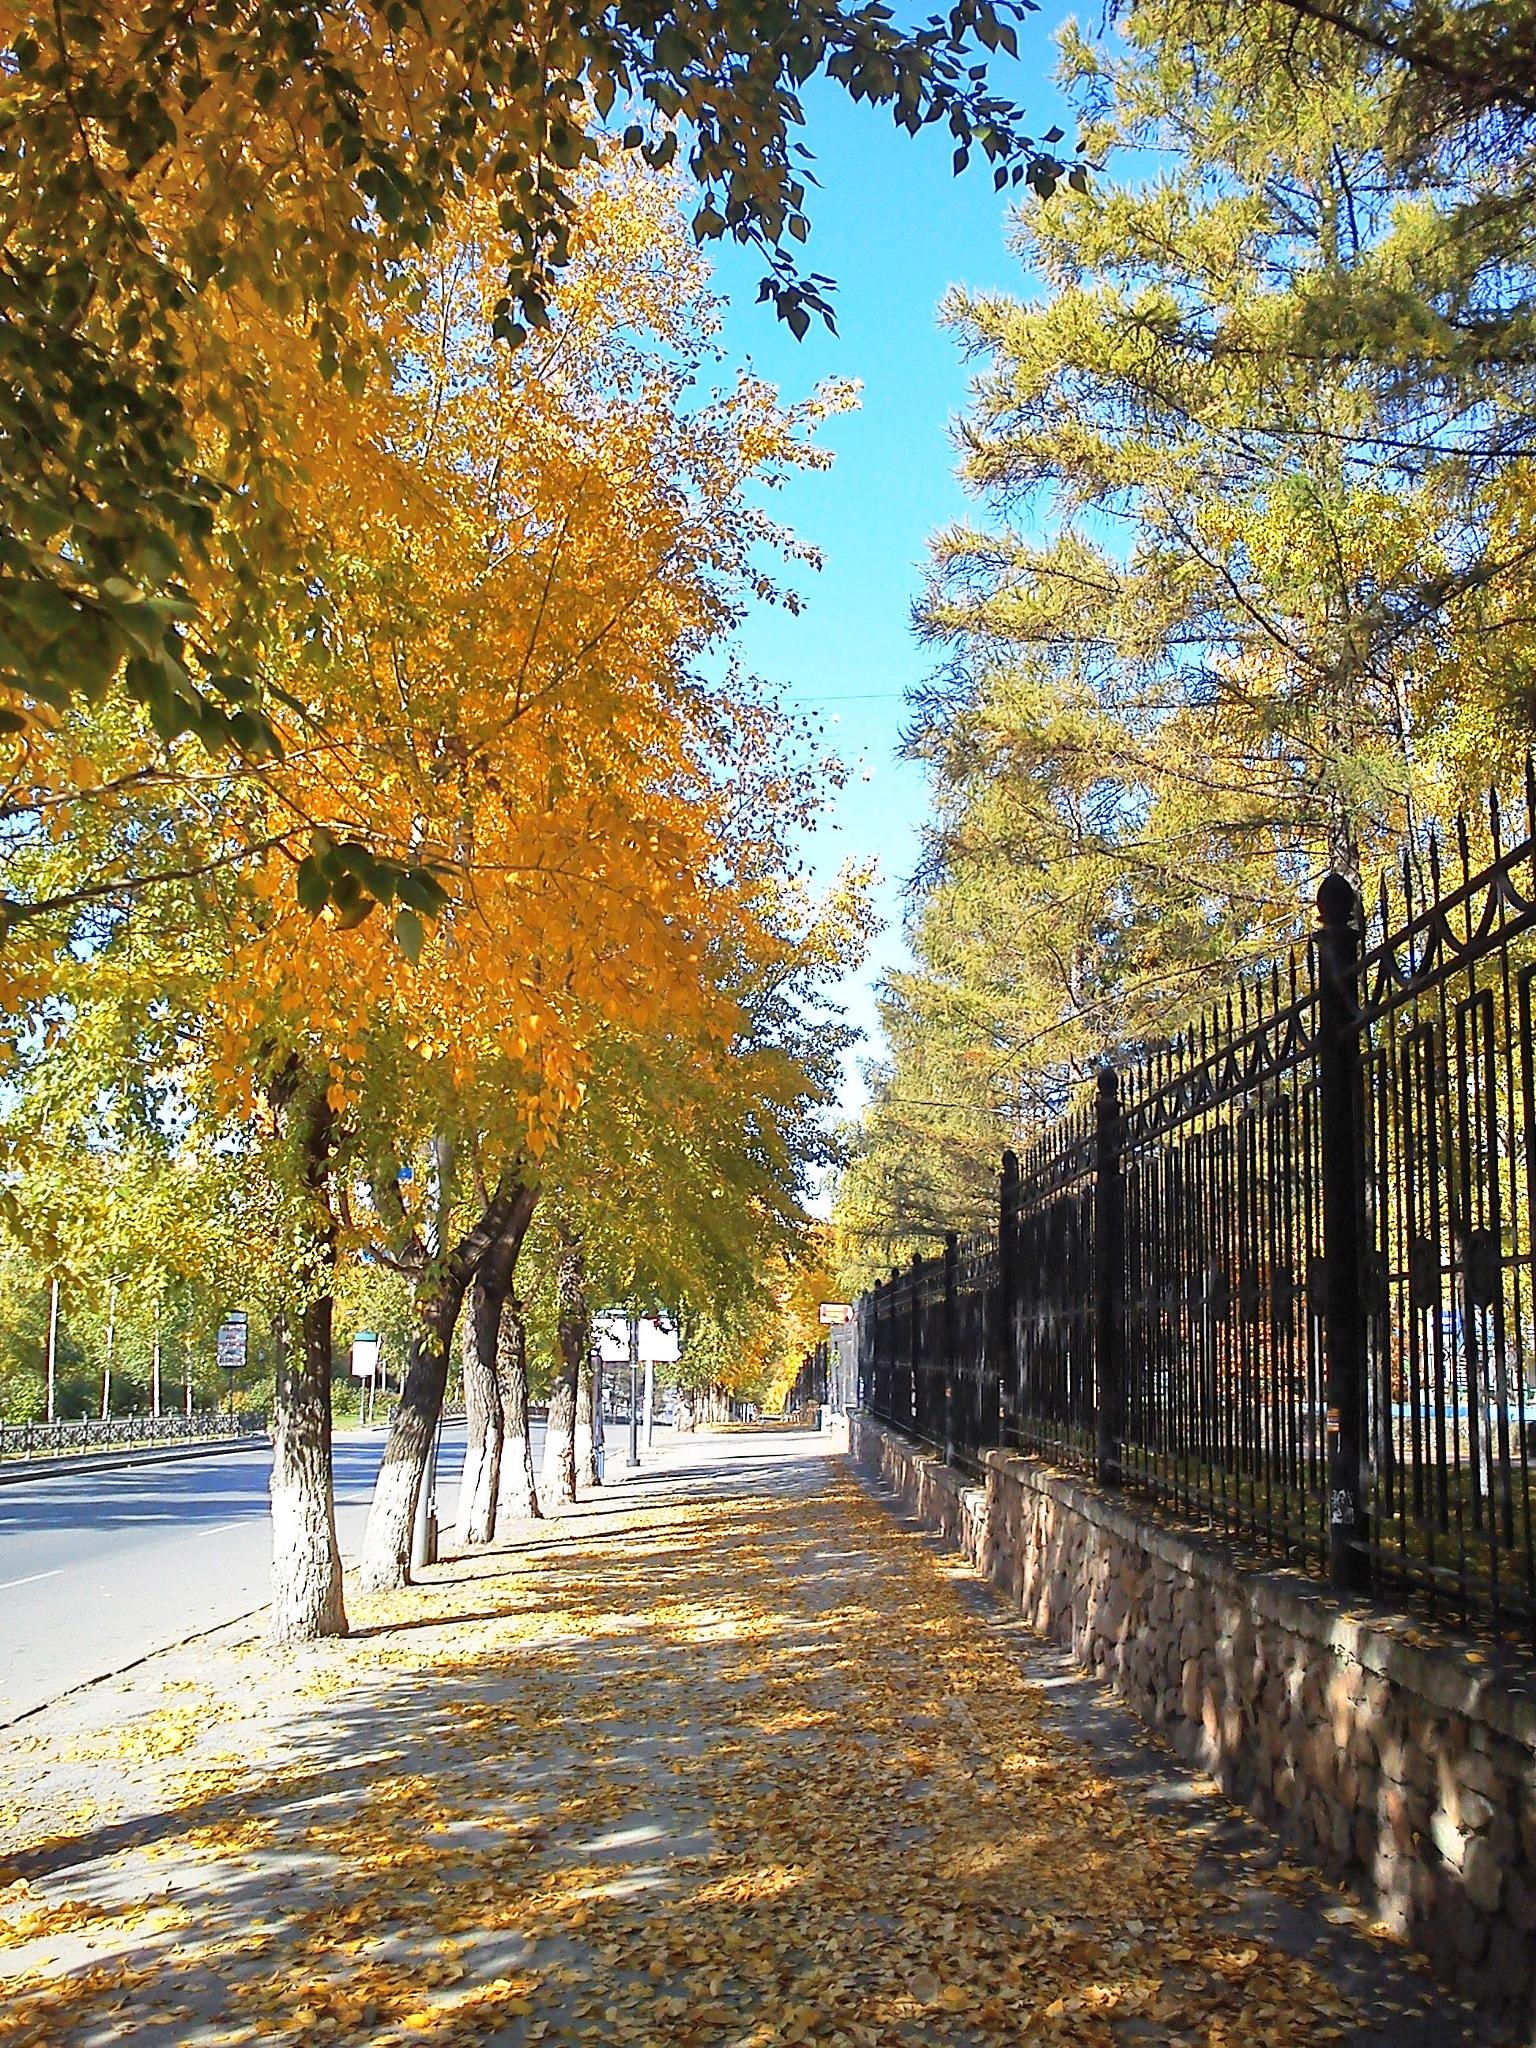 Sunny Autumn by Lightspear